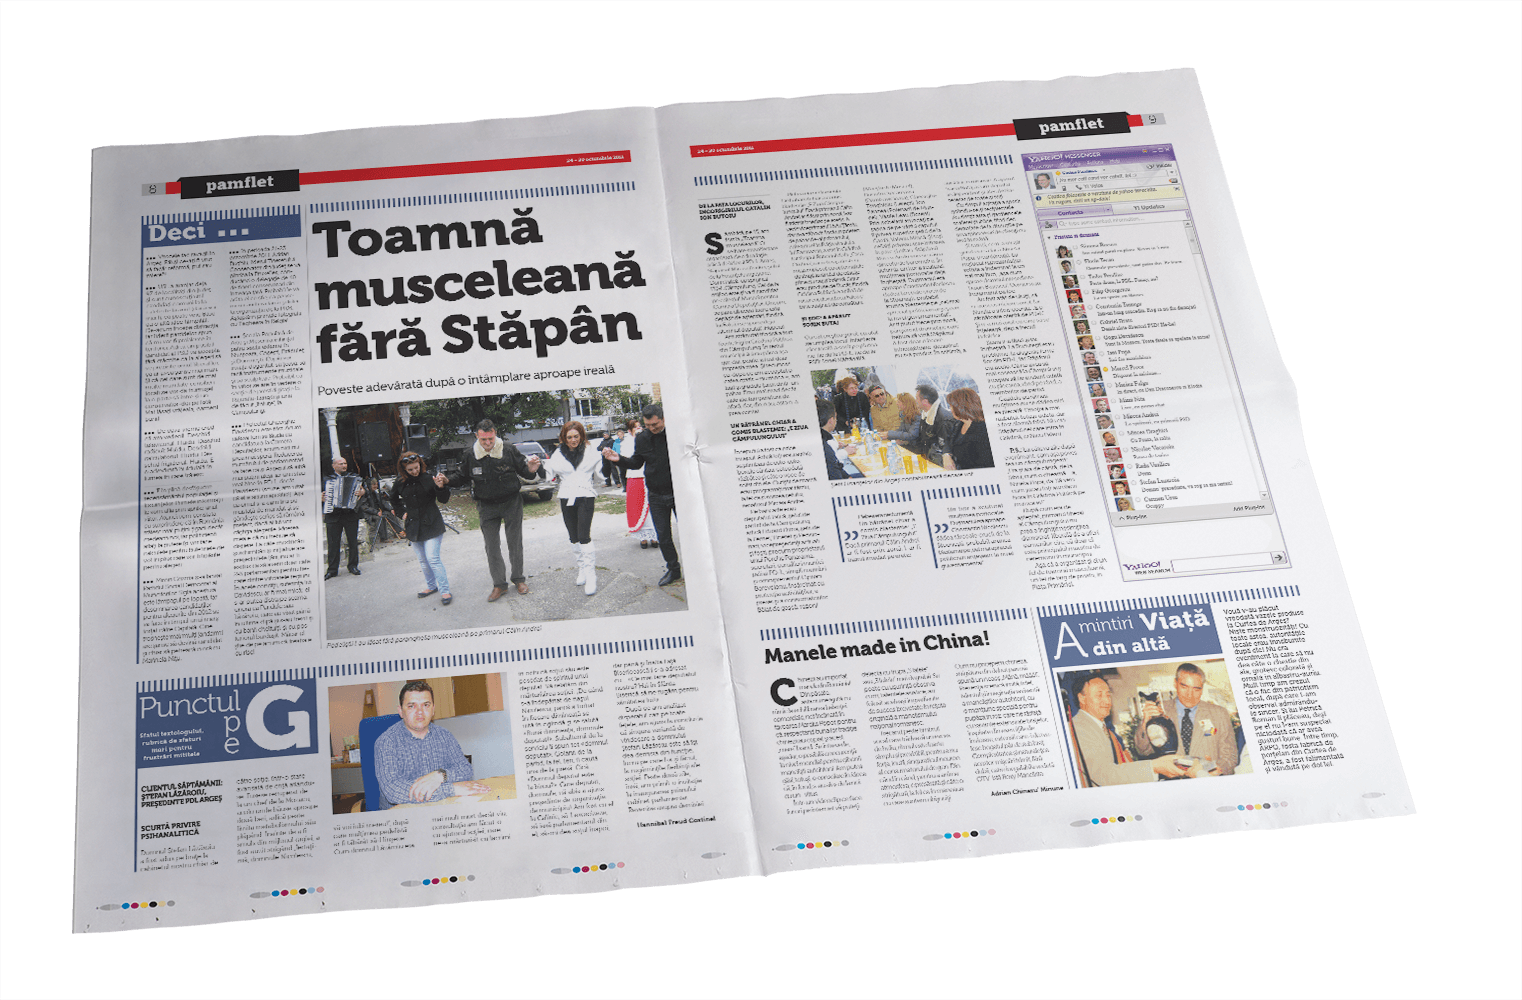 bitpress-magazine-newspaper_spread-4